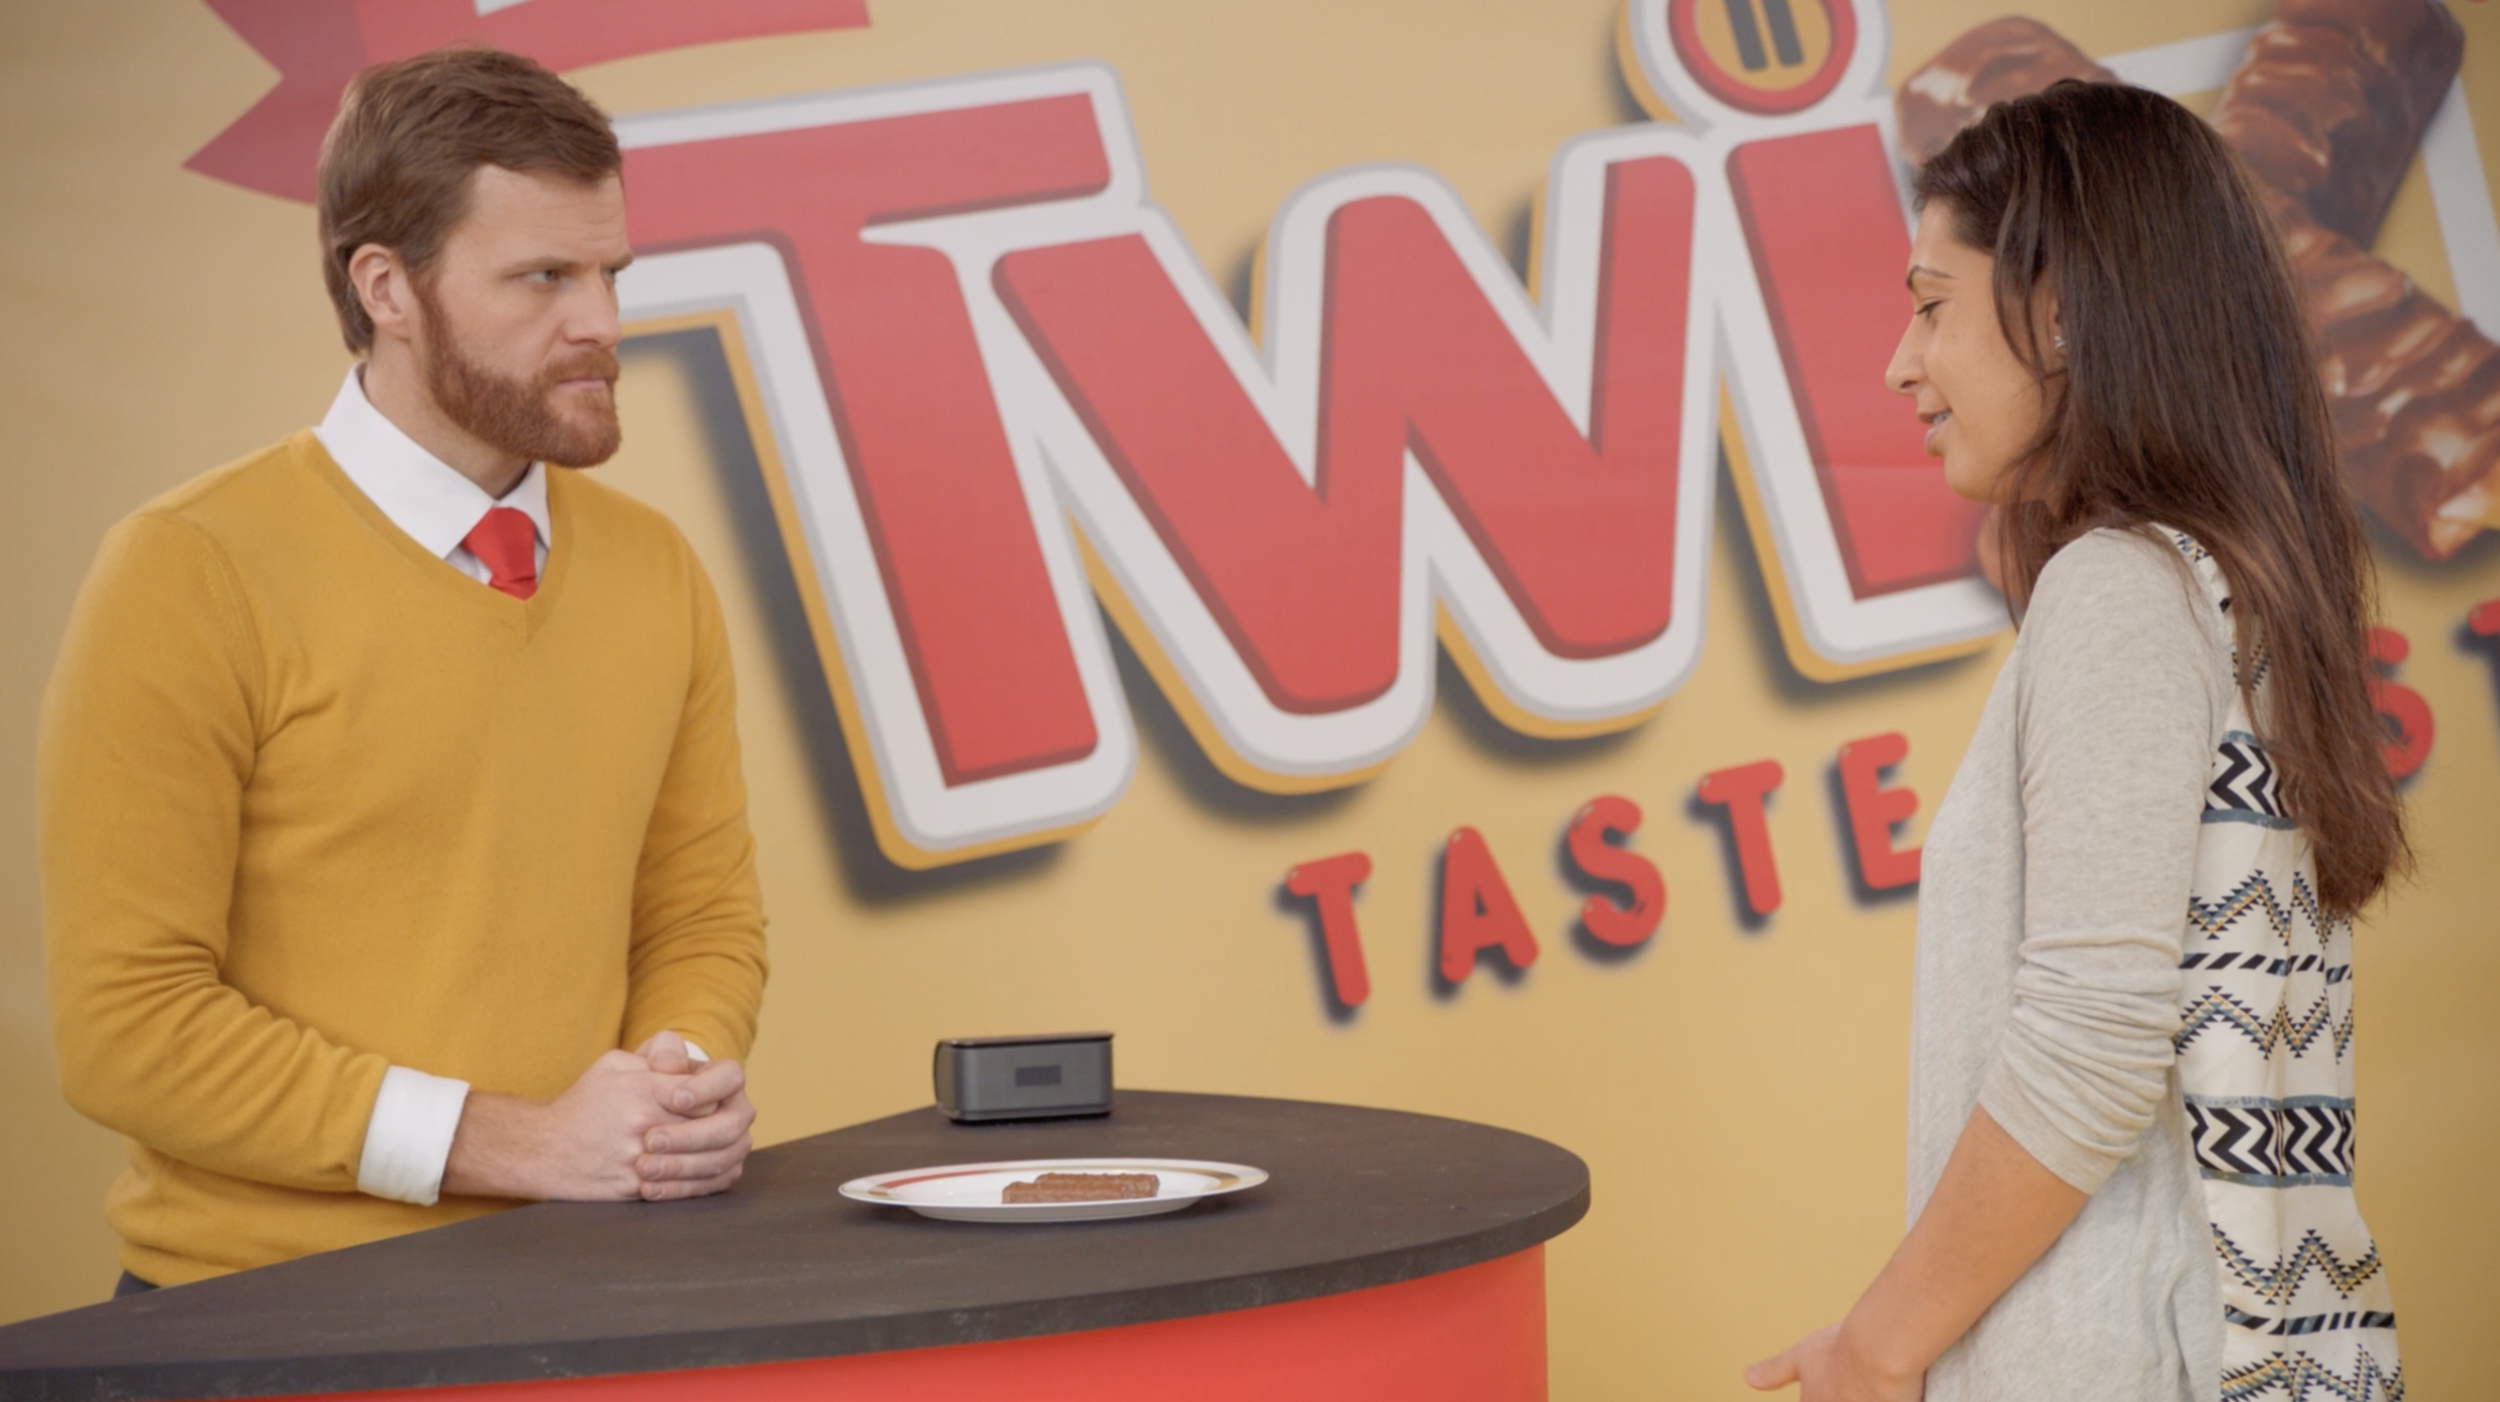 Twix: Taste Test